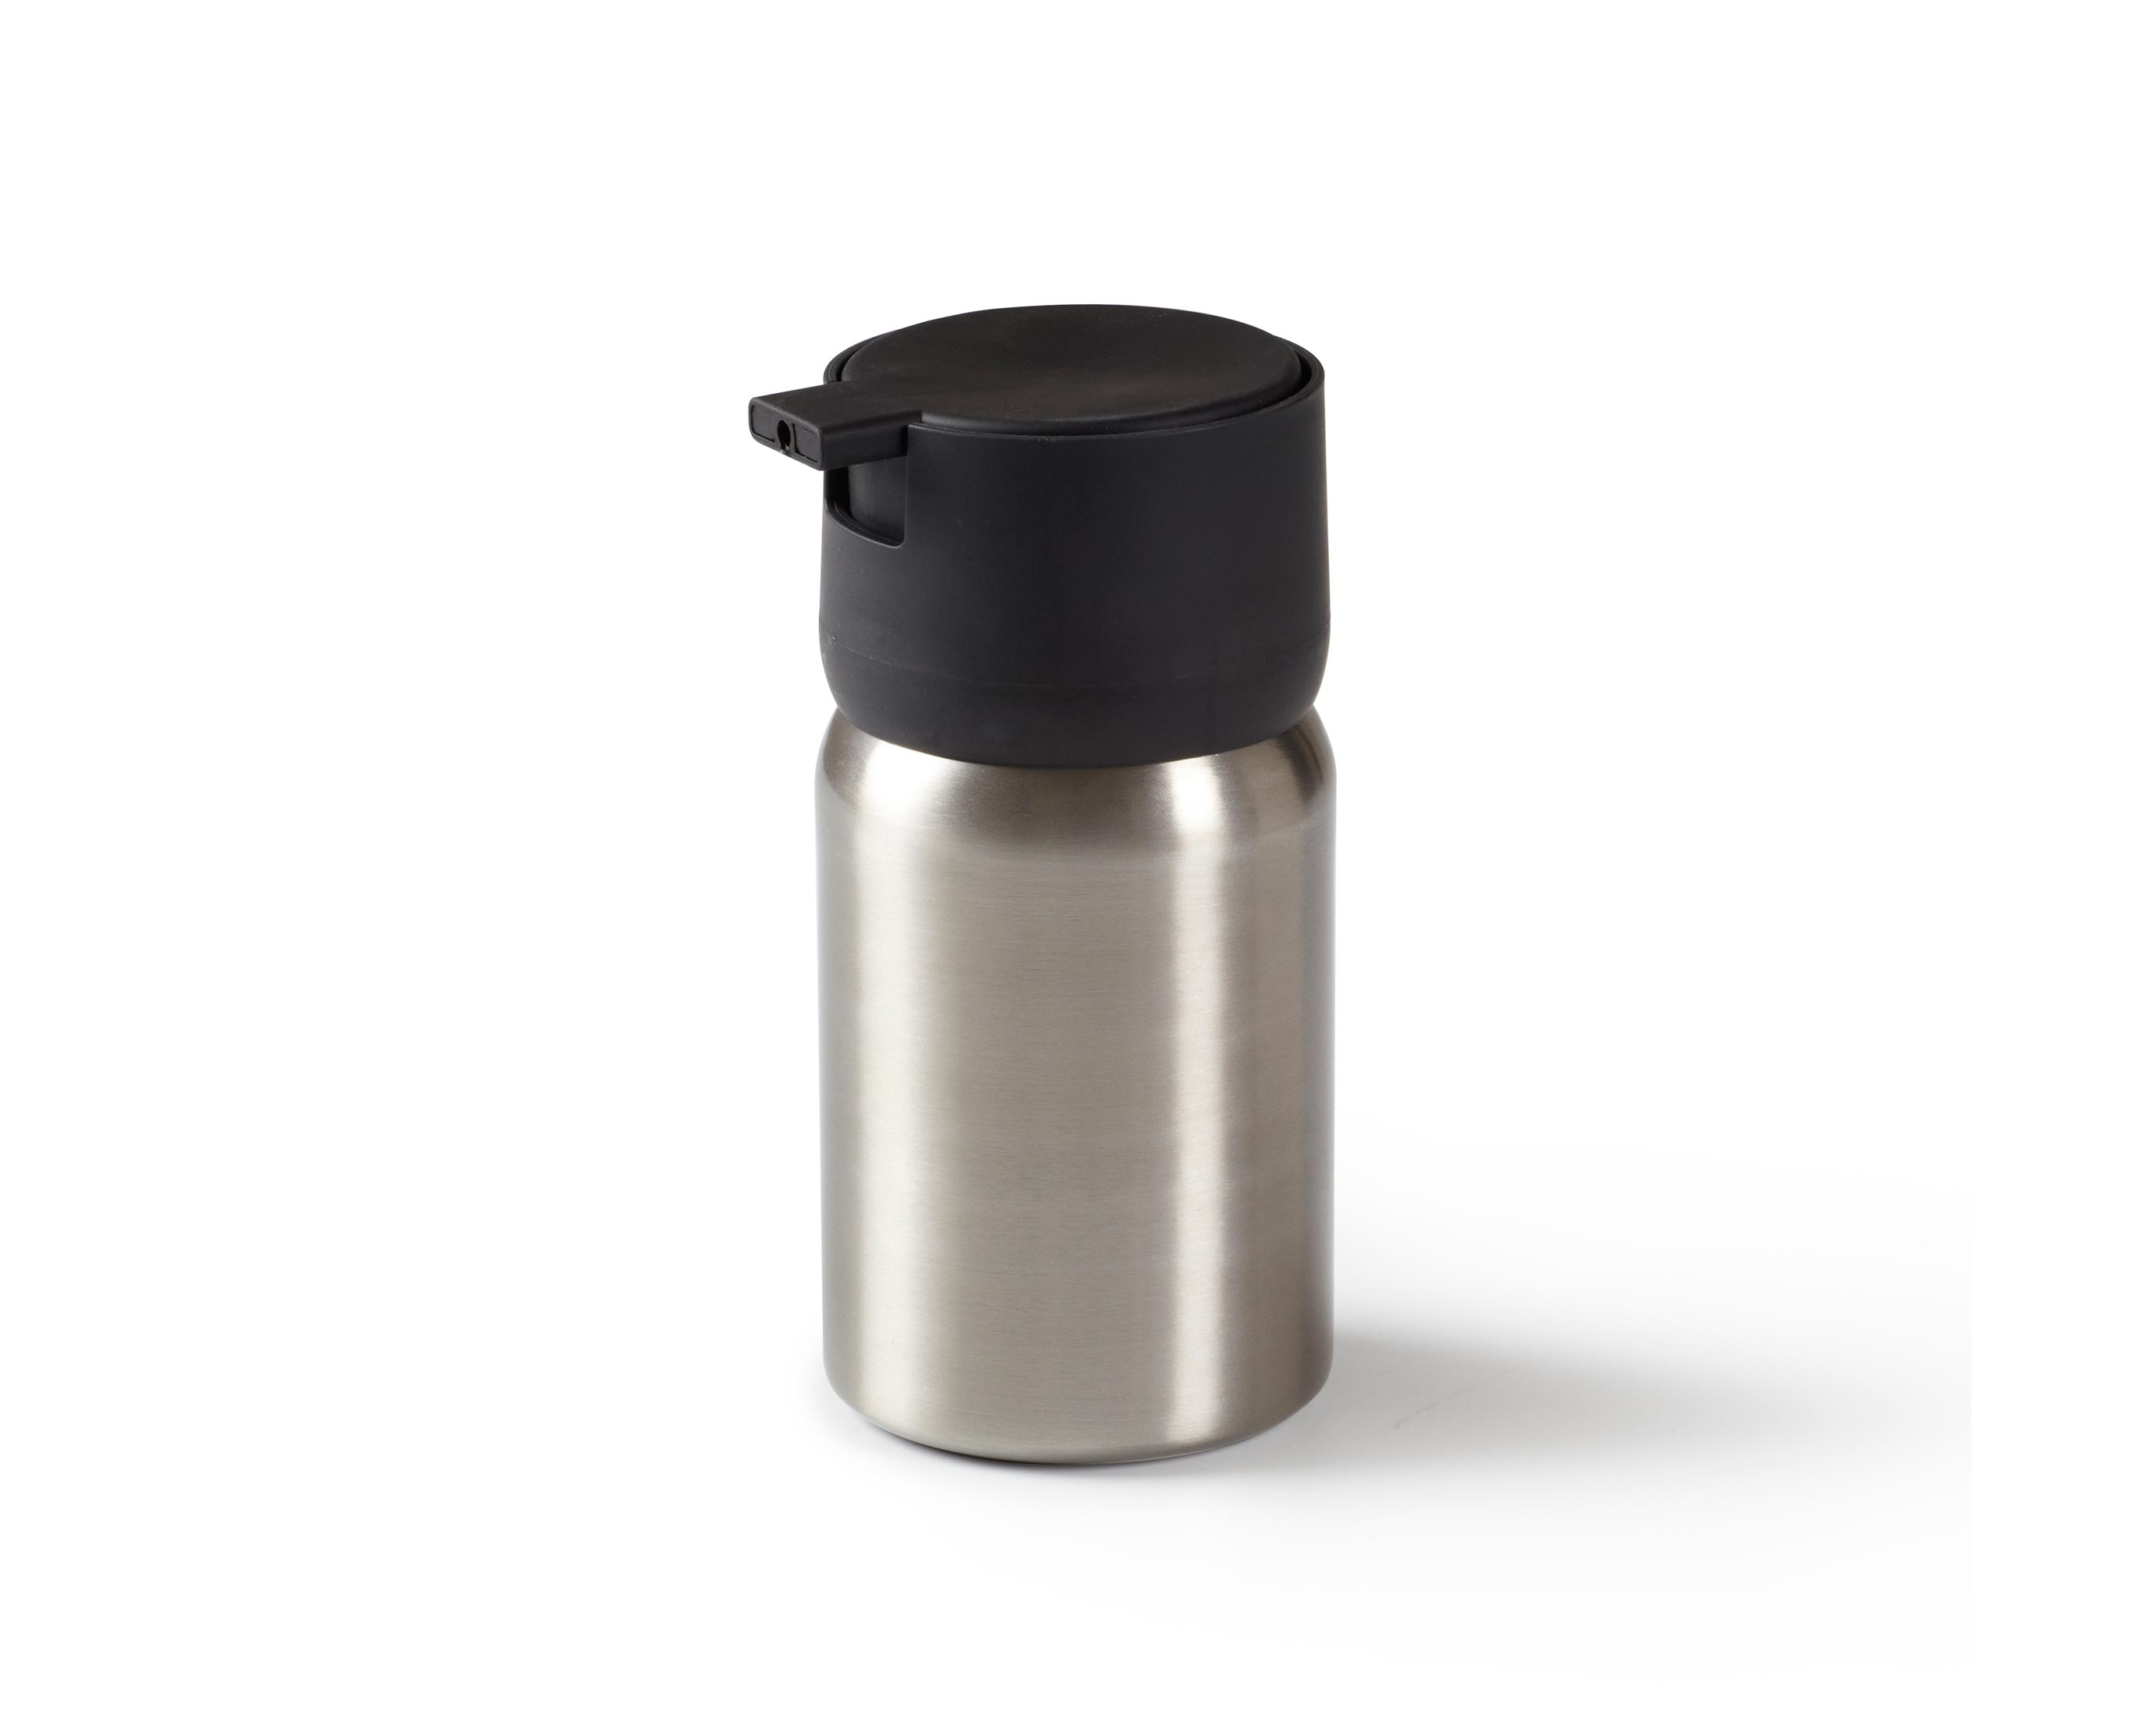 Диспенсер для жидкого мыла EnsaАксессуары для кухни<br>&amp;quot;Мыло душистое, полотенце пушистое&amp;quot; - если мыть руки, то с этим слоганом. Потому что приятно пахнущее мыло, например, ванильное или земляничное, поднимает настроение. А если оно внутри красивого диспенсера, который поможет отмерить нужное количество, это вдвойне приятно. <br>Те, кто покупает жидкое мыло, знают, что очень часто оно продается в некрасивых упаковках или очень больших бутылках, которые совершенно неудобно ставить на раковину. Проблема решена вот с таким лаконичным симпатичным  диспенсером. Теперь вы не забудете вымыть руки перед едой! p.s. Важная подсказка: диспенсер также можно использовать на кухне для моющего средства, получается очень экономно.&amp;lt;div&amp;gt;&amp;lt;br&amp;gt;&amp;lt;/div&amp;gt;&amp;lt;div&amp;gt;&amp;lt;span style=&amp;quot;line-height: 24.9999px;&amp;quot;&amp;gt;Объем - 350 мл.&amp;lt;/span&amp;gt;&amp;lt;br&amp;gt;&amp;lt;/div&amp;gt;<br><br>Material: Пластик<br>Height см: 15,2<br>Diameter см: 5,7